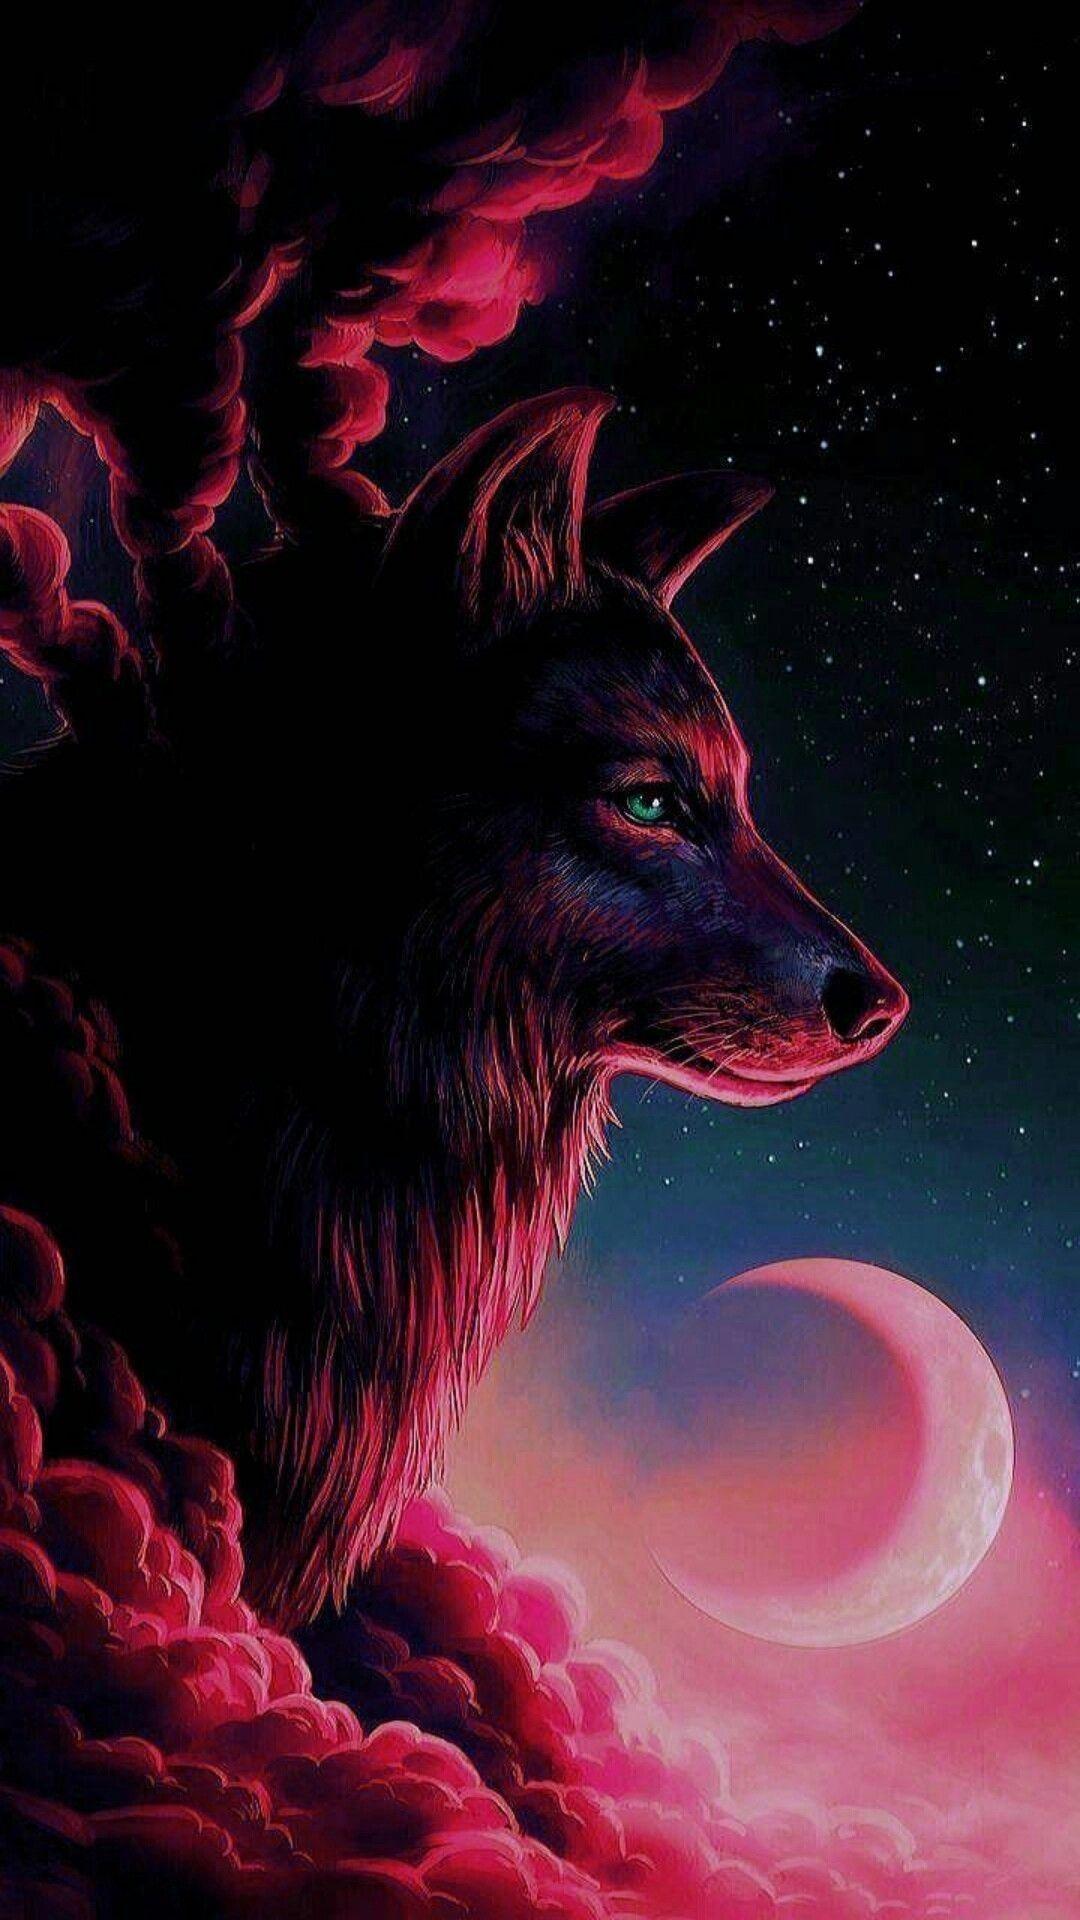 , Badass Wolf Wallpaper Pin von Lisa Searcy auf Badass Wölfe im Jahr 2020 #badass… –  Badass Wolf Wallpaper Pin von Lisa Searcy auf Badass Wölfe im …, My Tattoo Blog 2020, My Tattoo Blog 2020